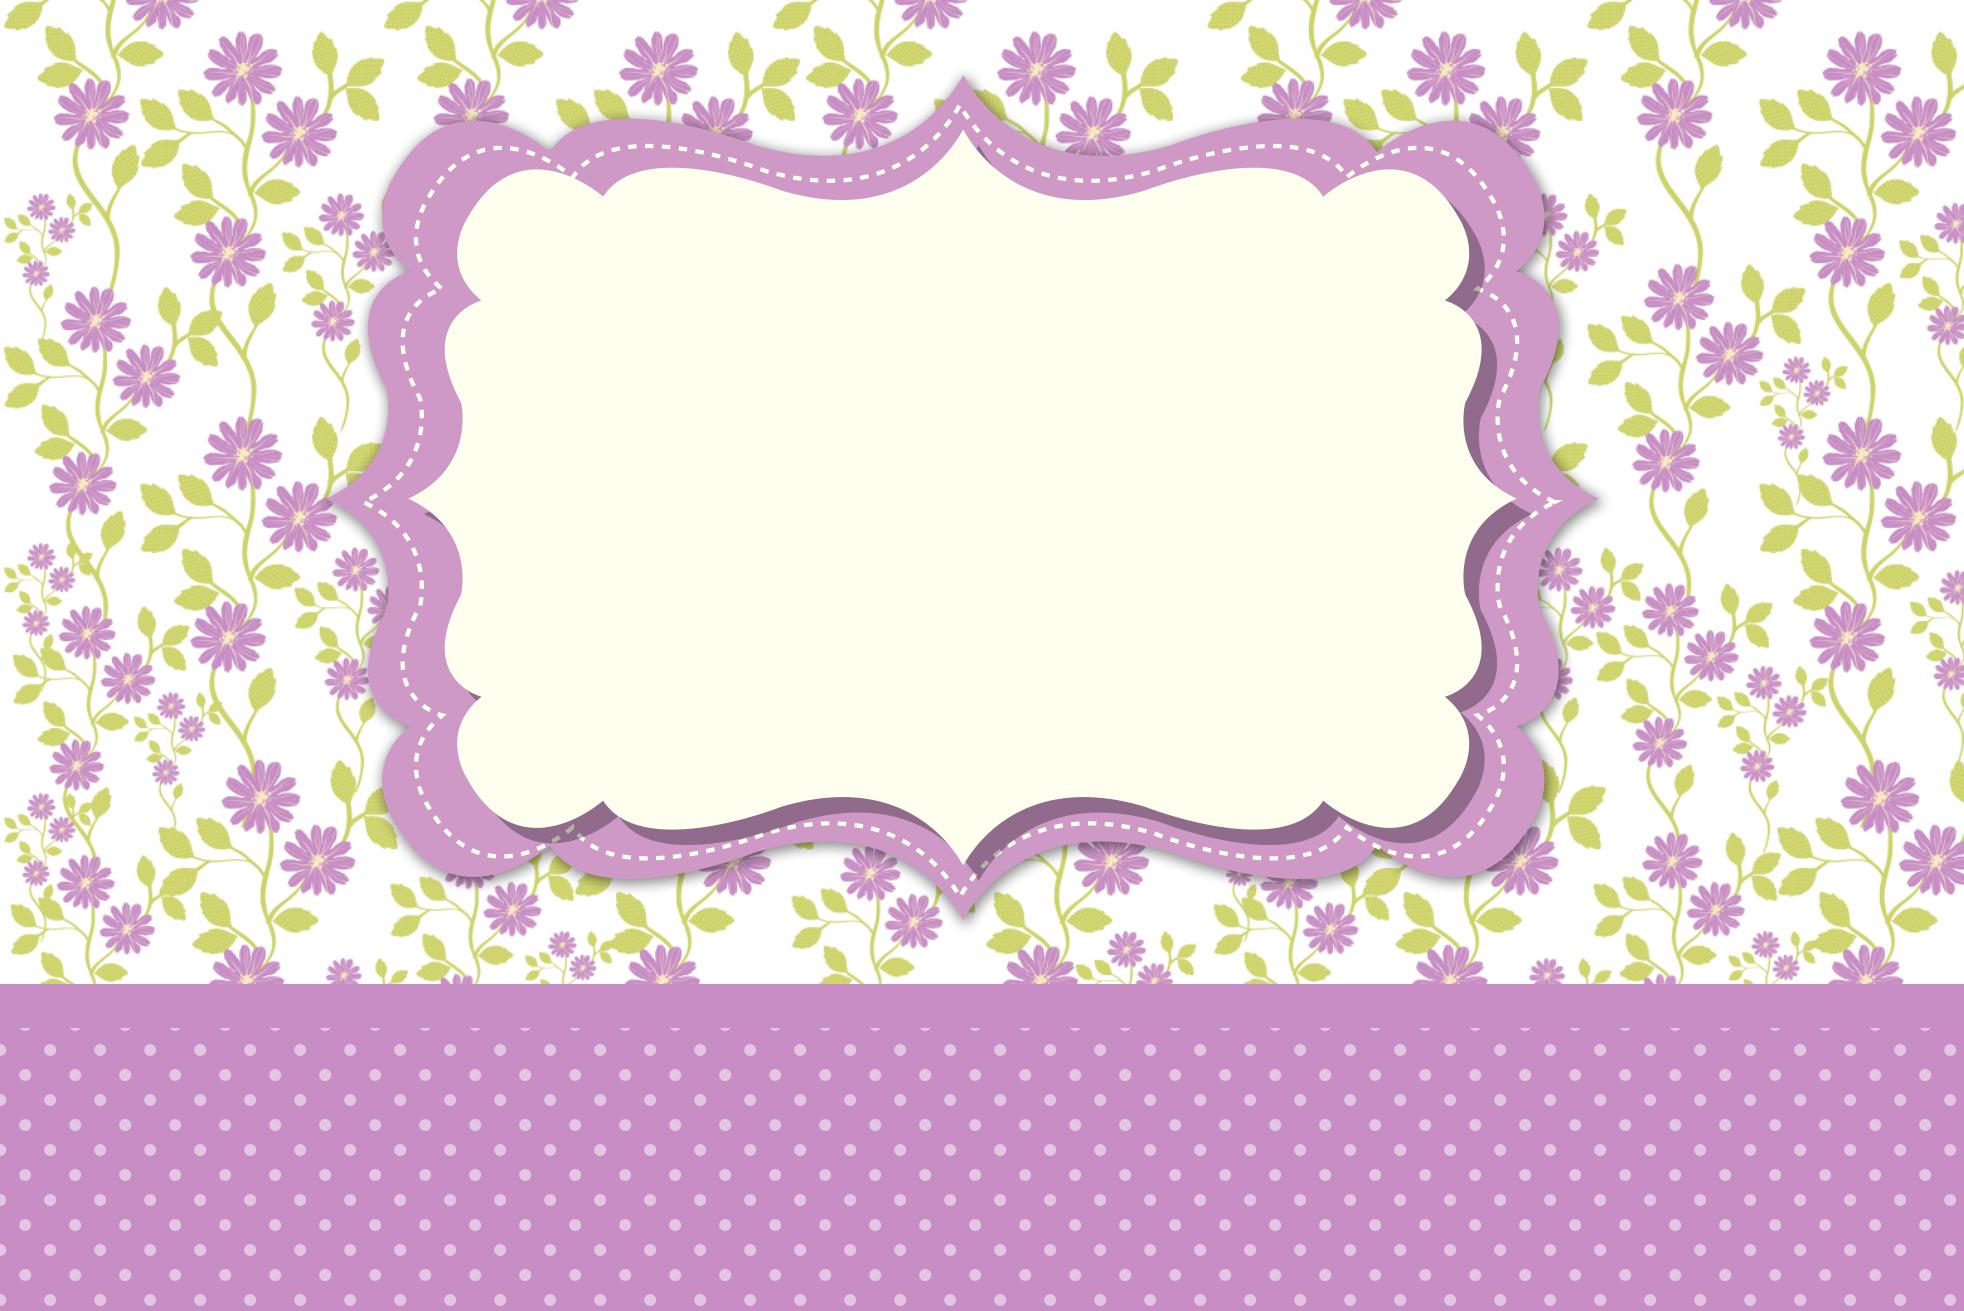 Moldura Convite e Cartão Floral Lilás: